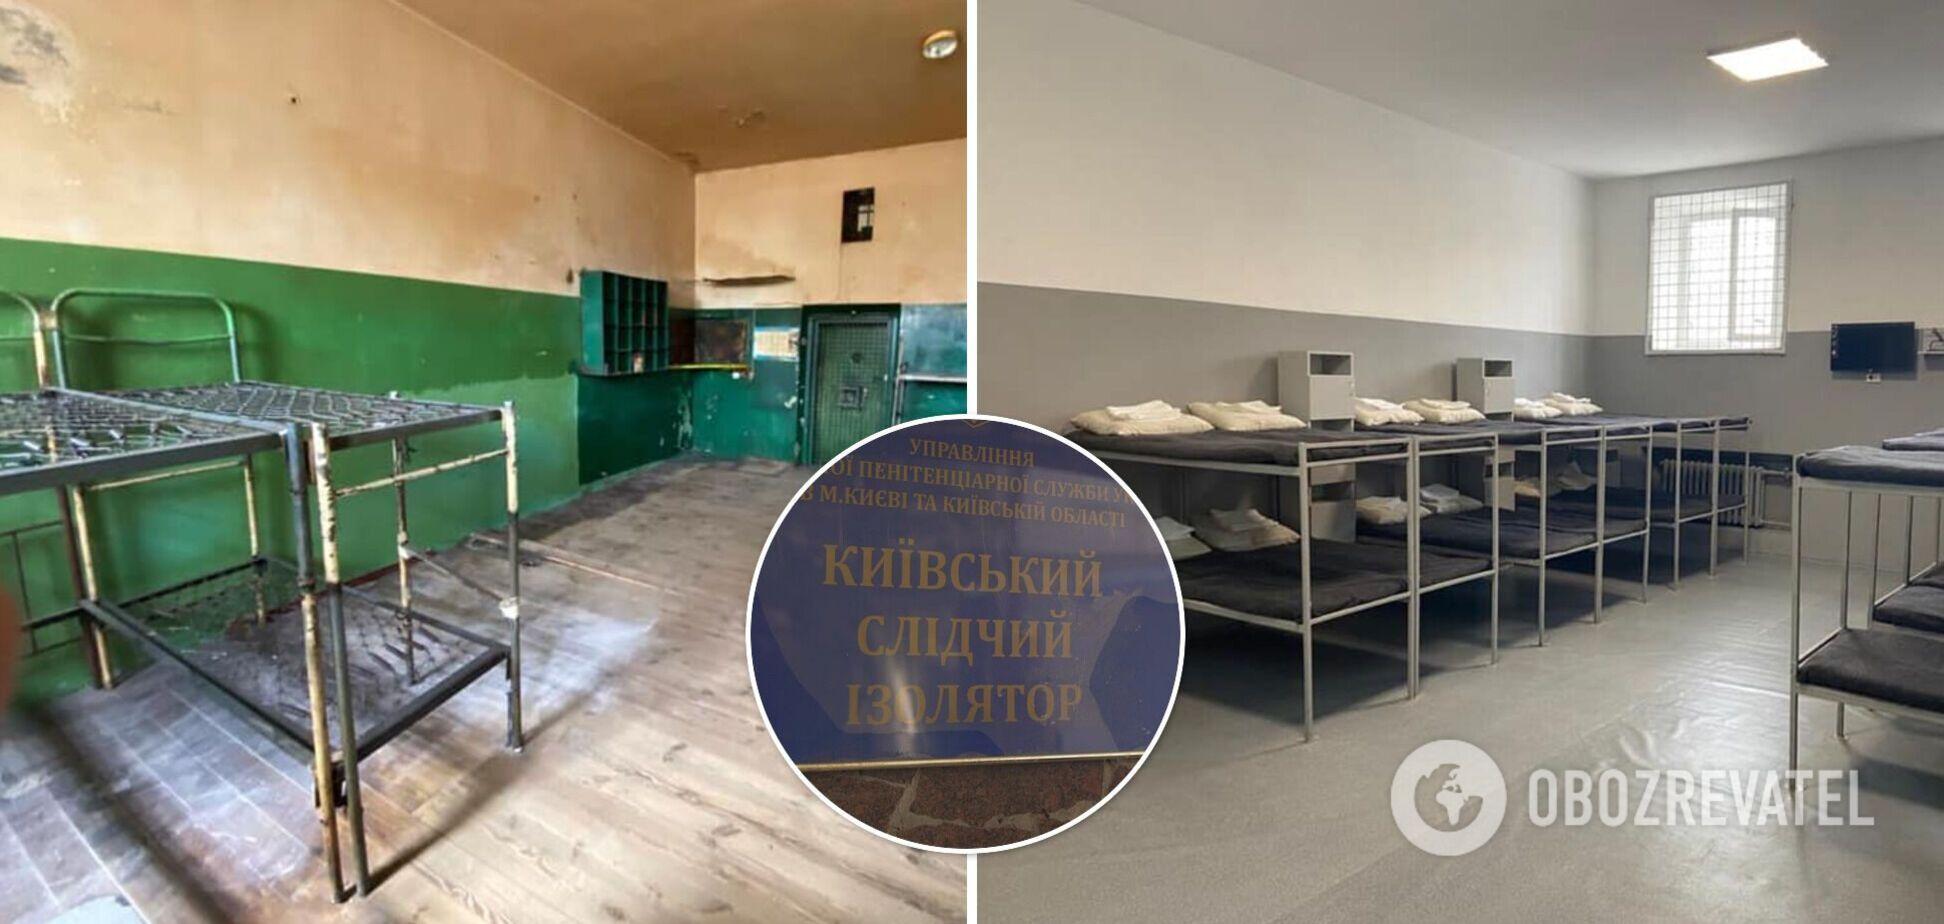 Малюська показал ремонт камеры в СИЗО Киева за 67 тысяч грн. Фото